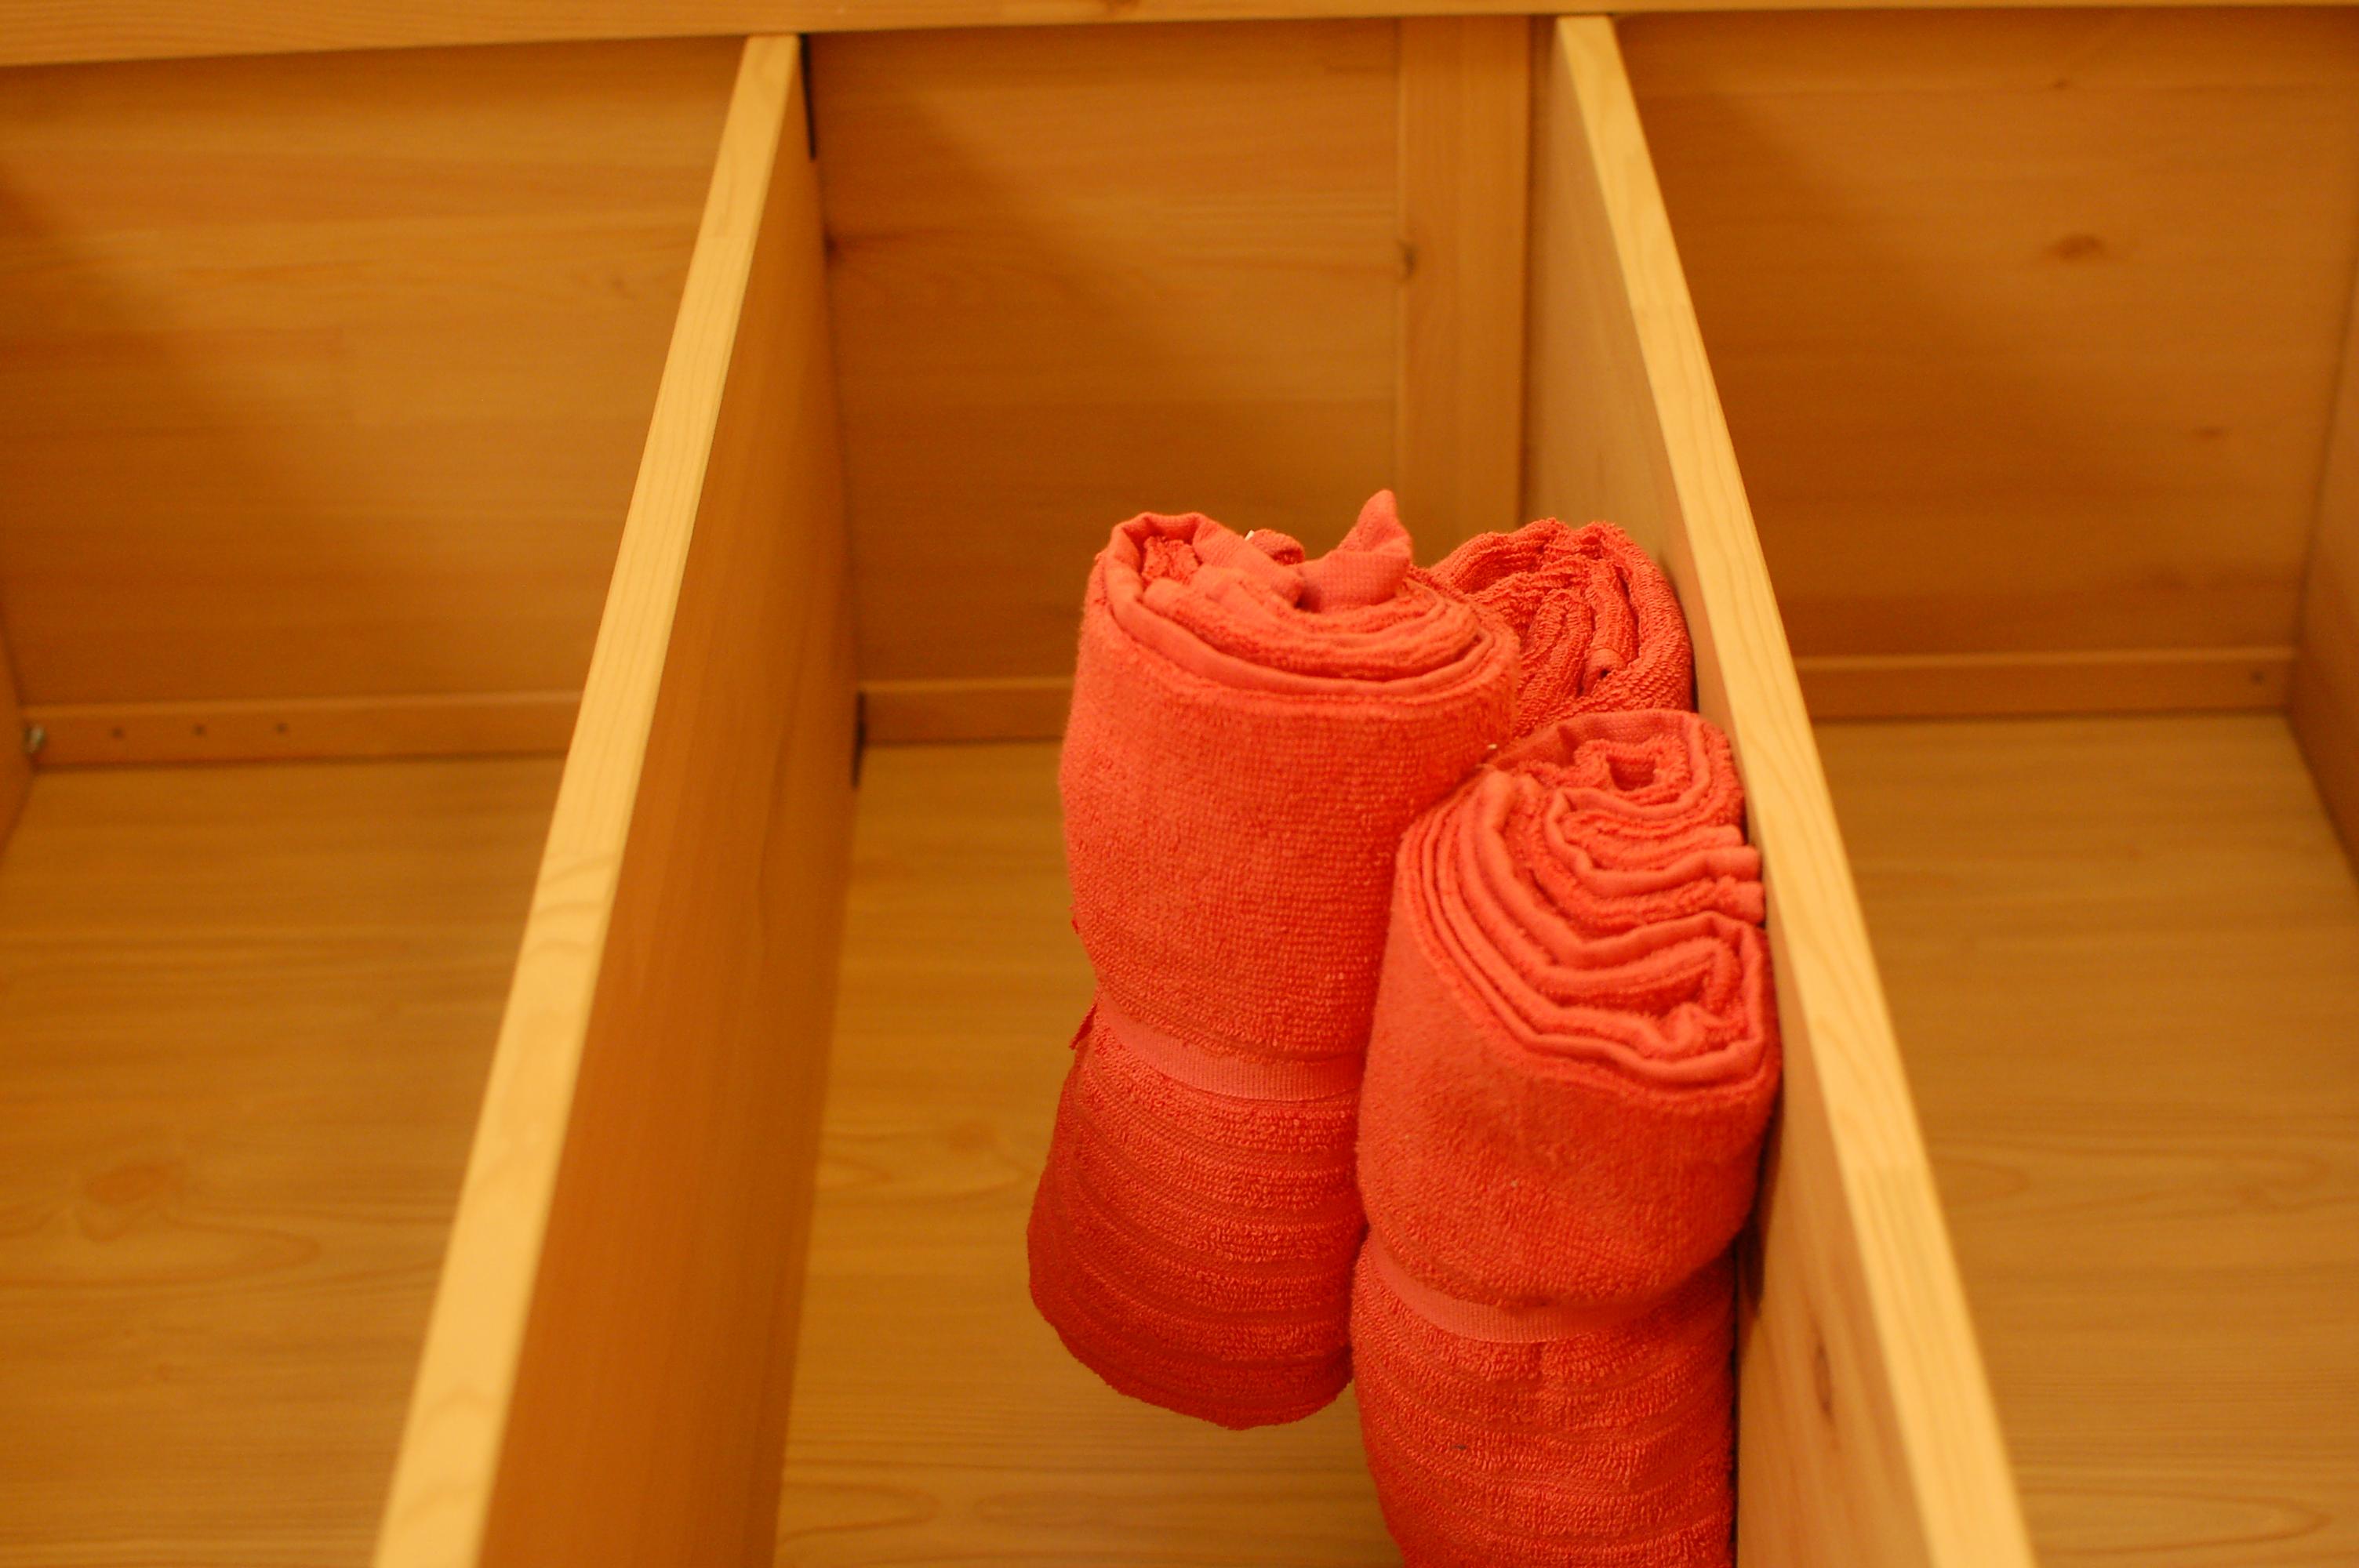 ručníky k dispozici